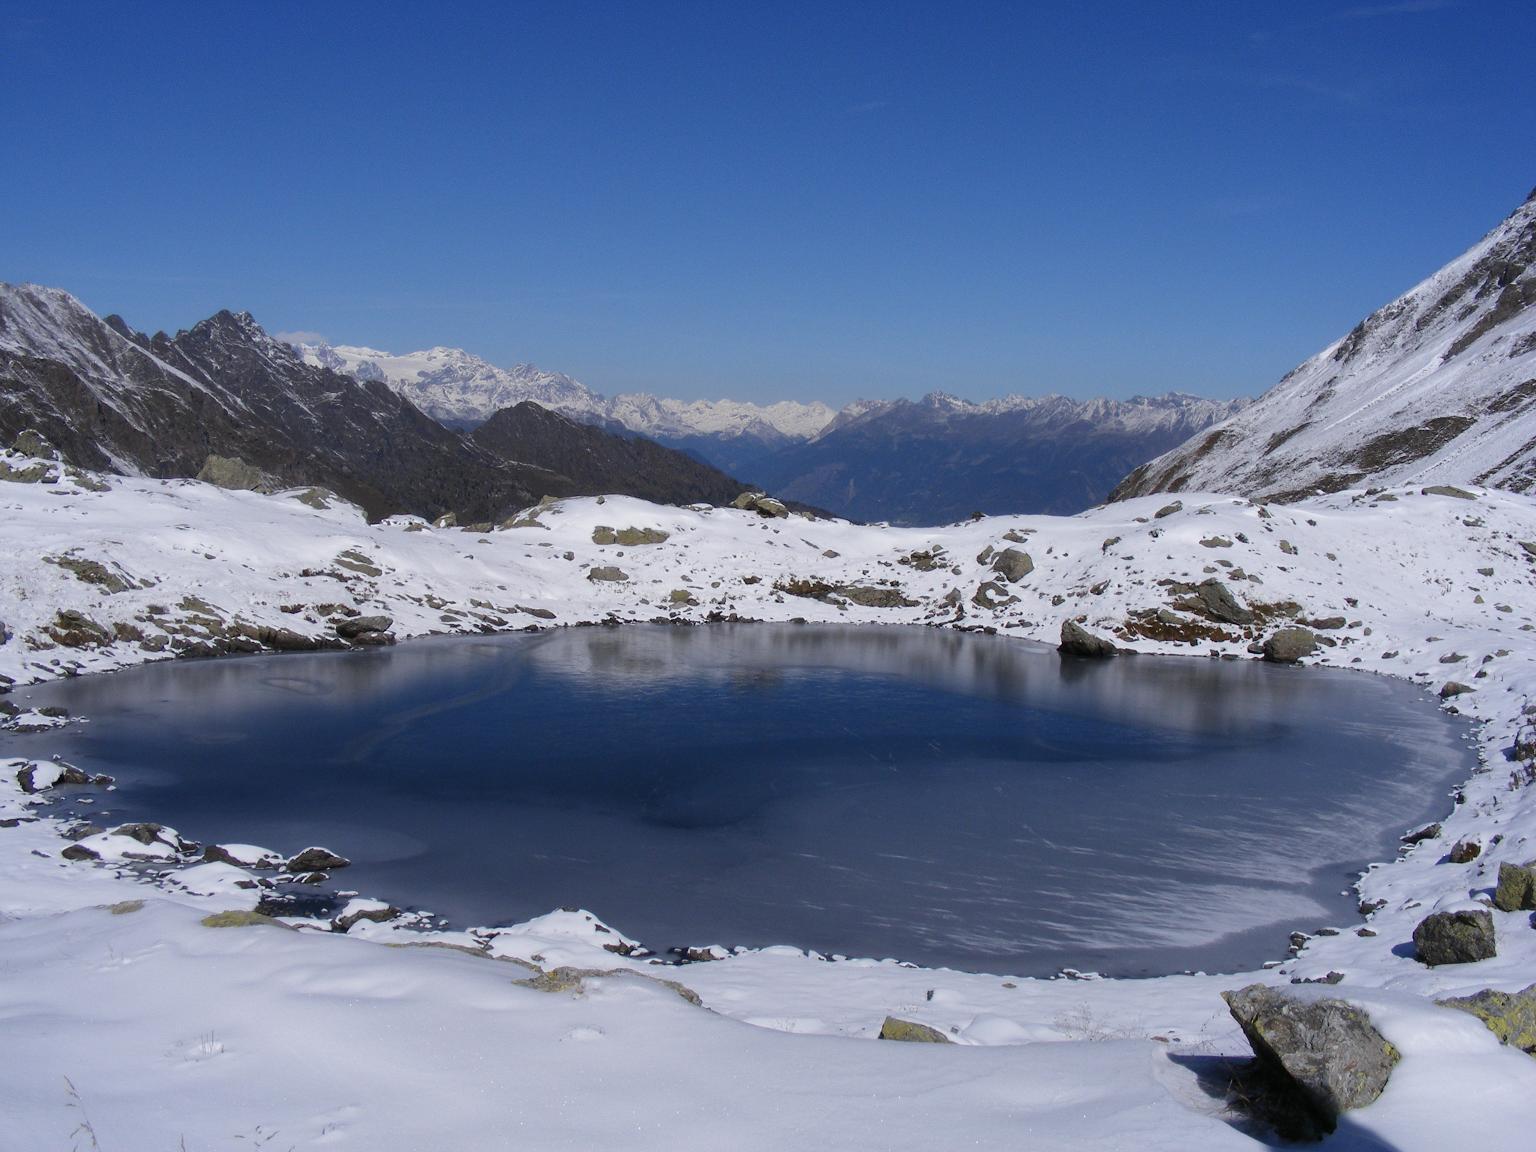 Laghi della lombardia forum natura mediterraneo for Immagini di laghetti